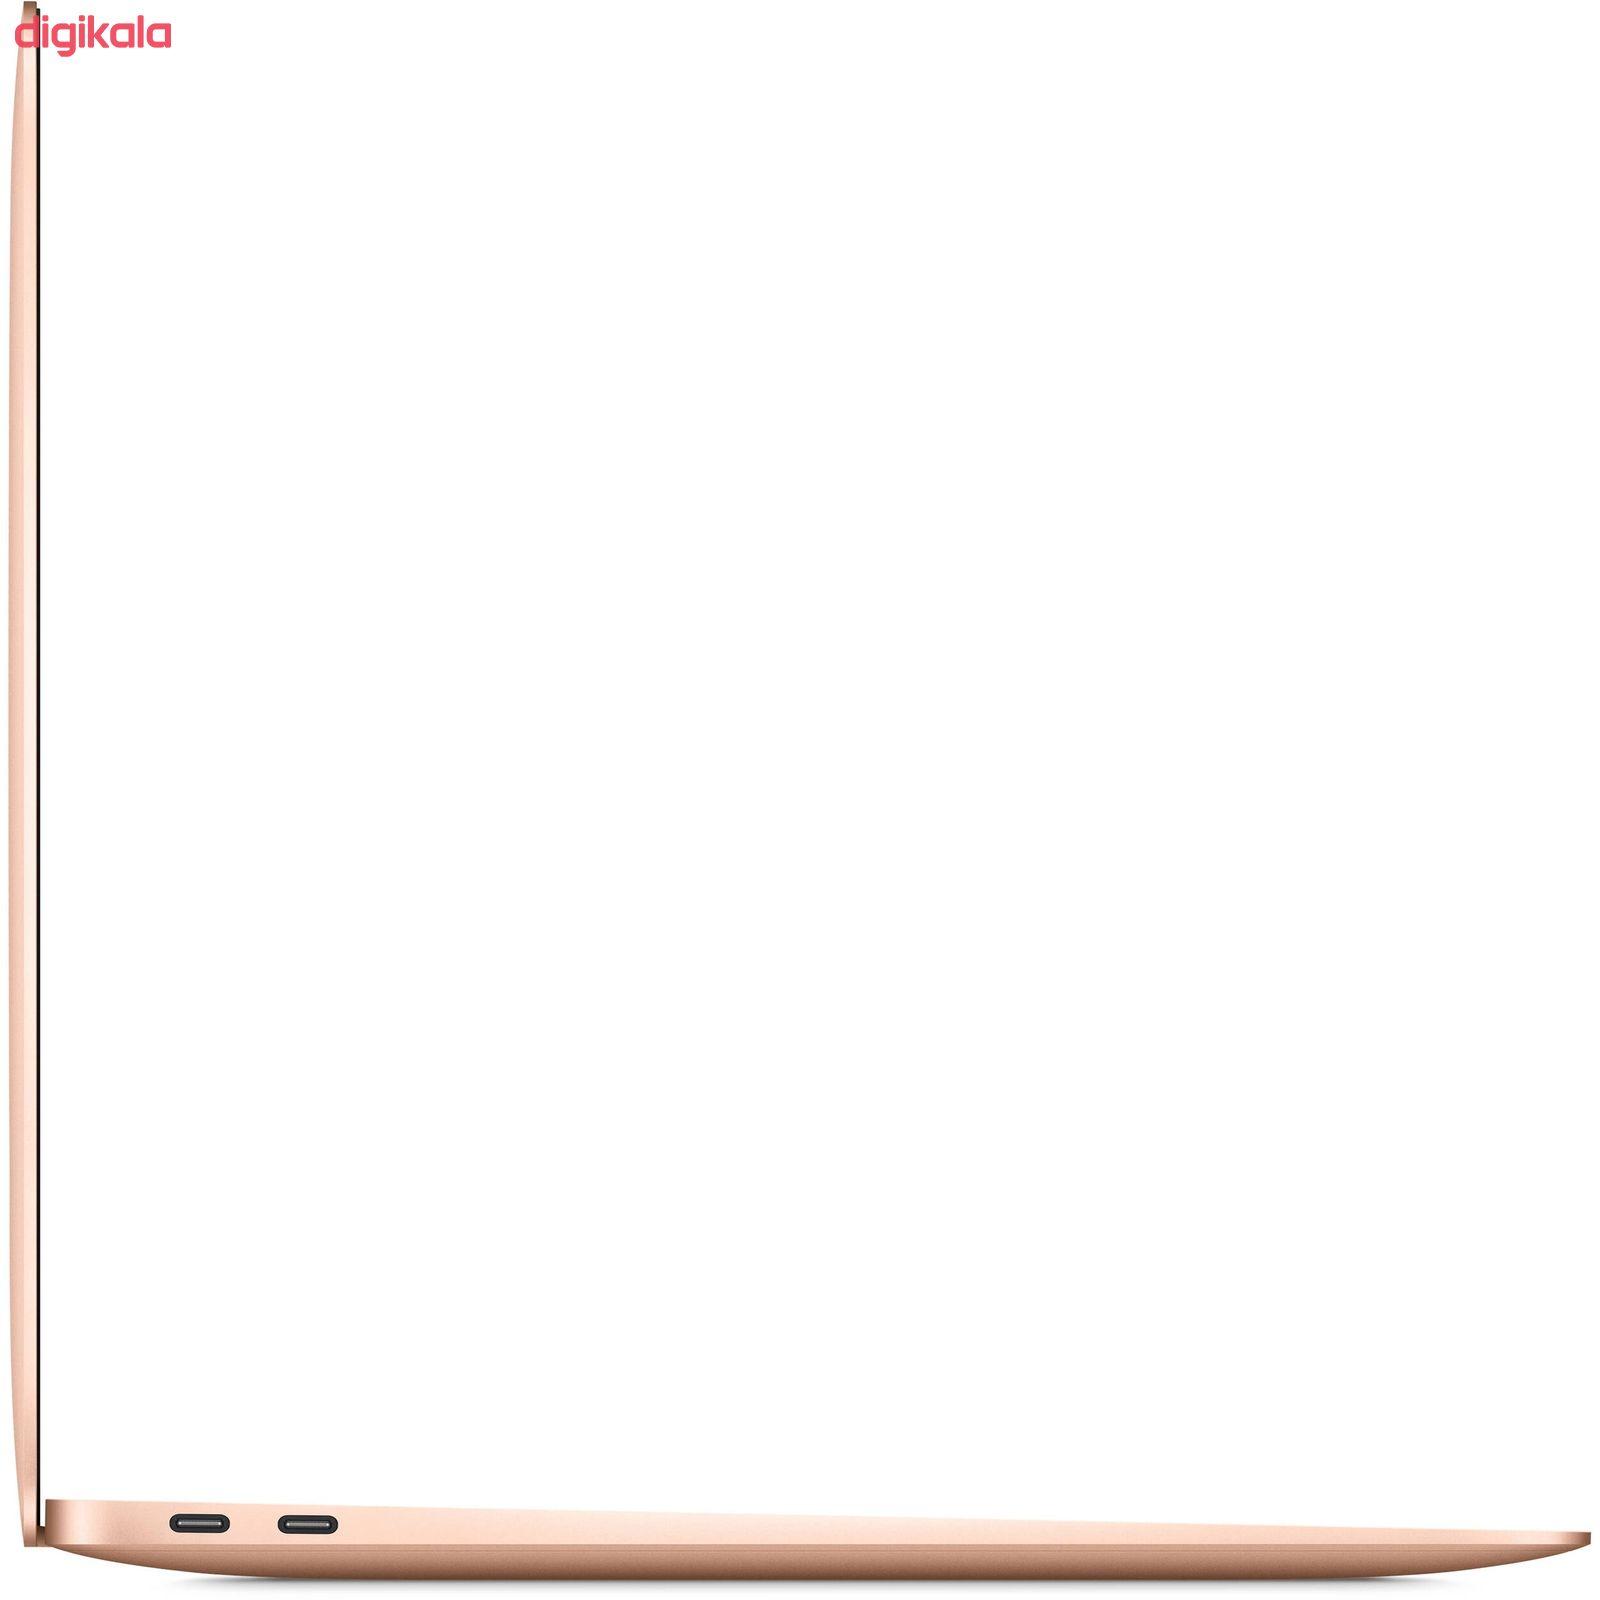 لپ تاپ 13 اینچی اپل مدل MacBook Air MGND3 2020 main 1 3